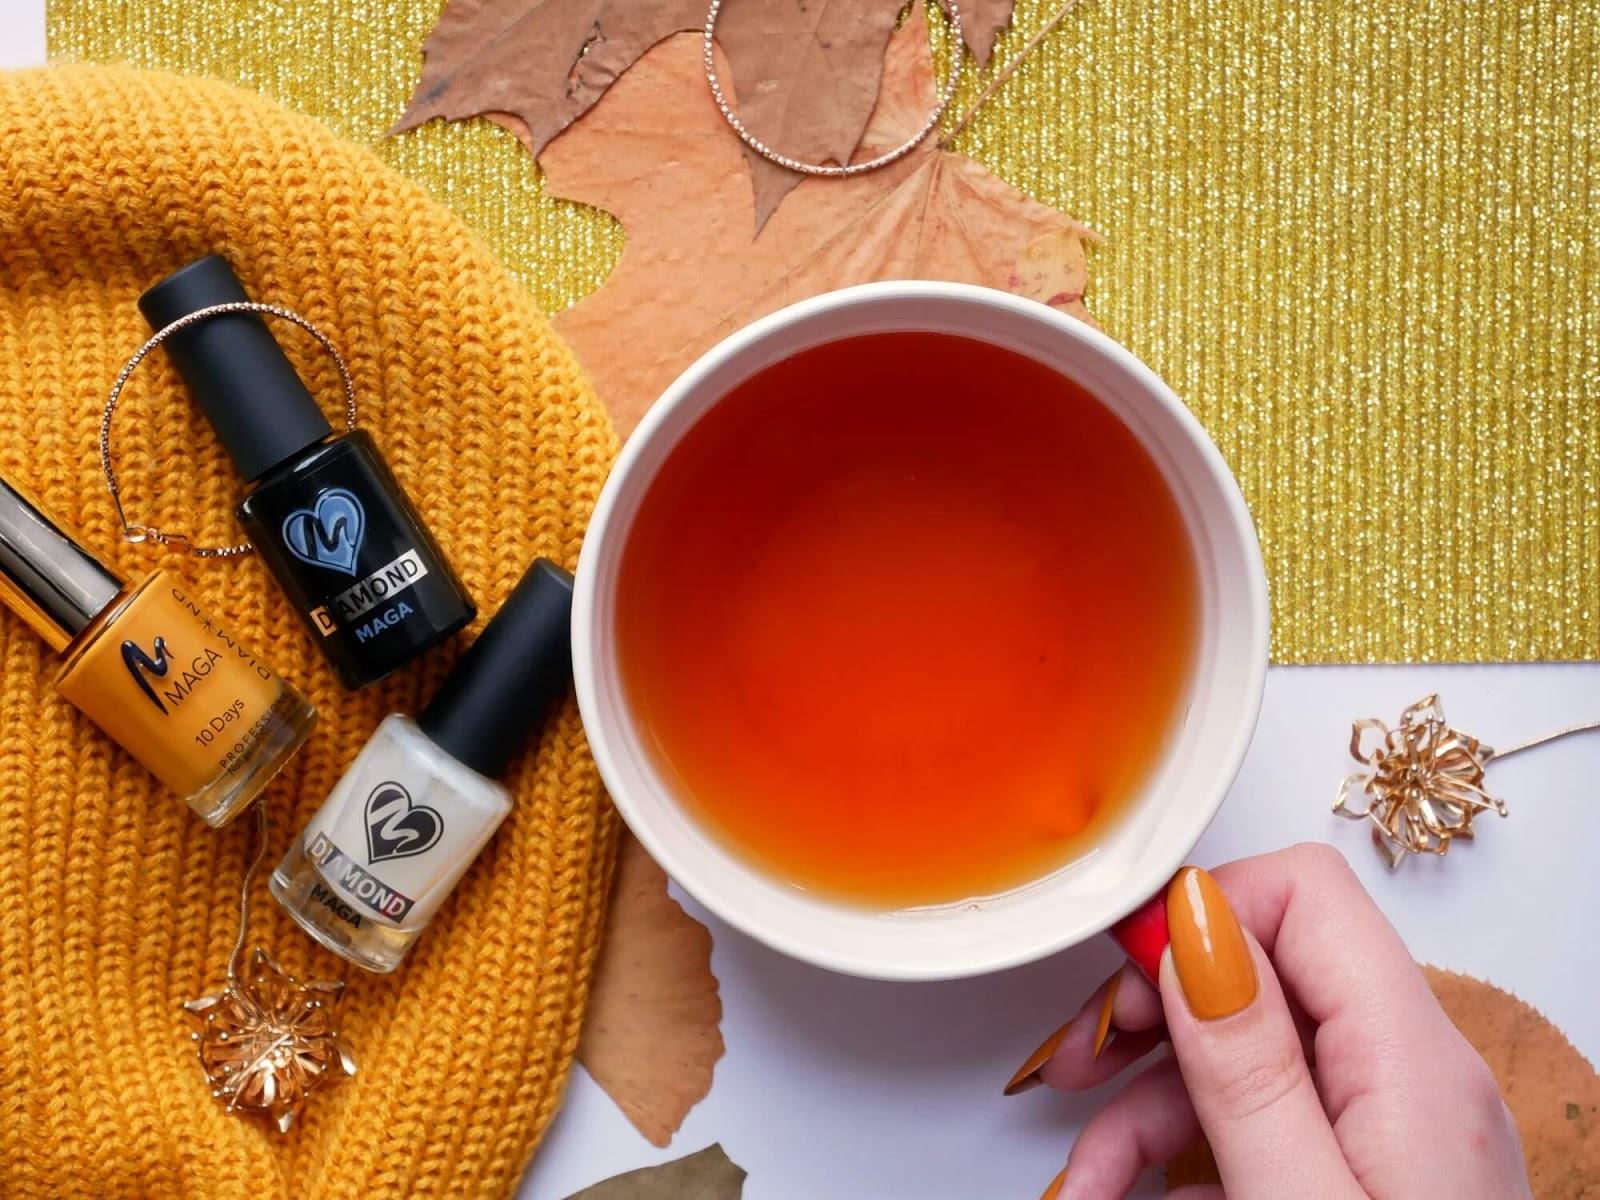 jesienna herbata flatlay